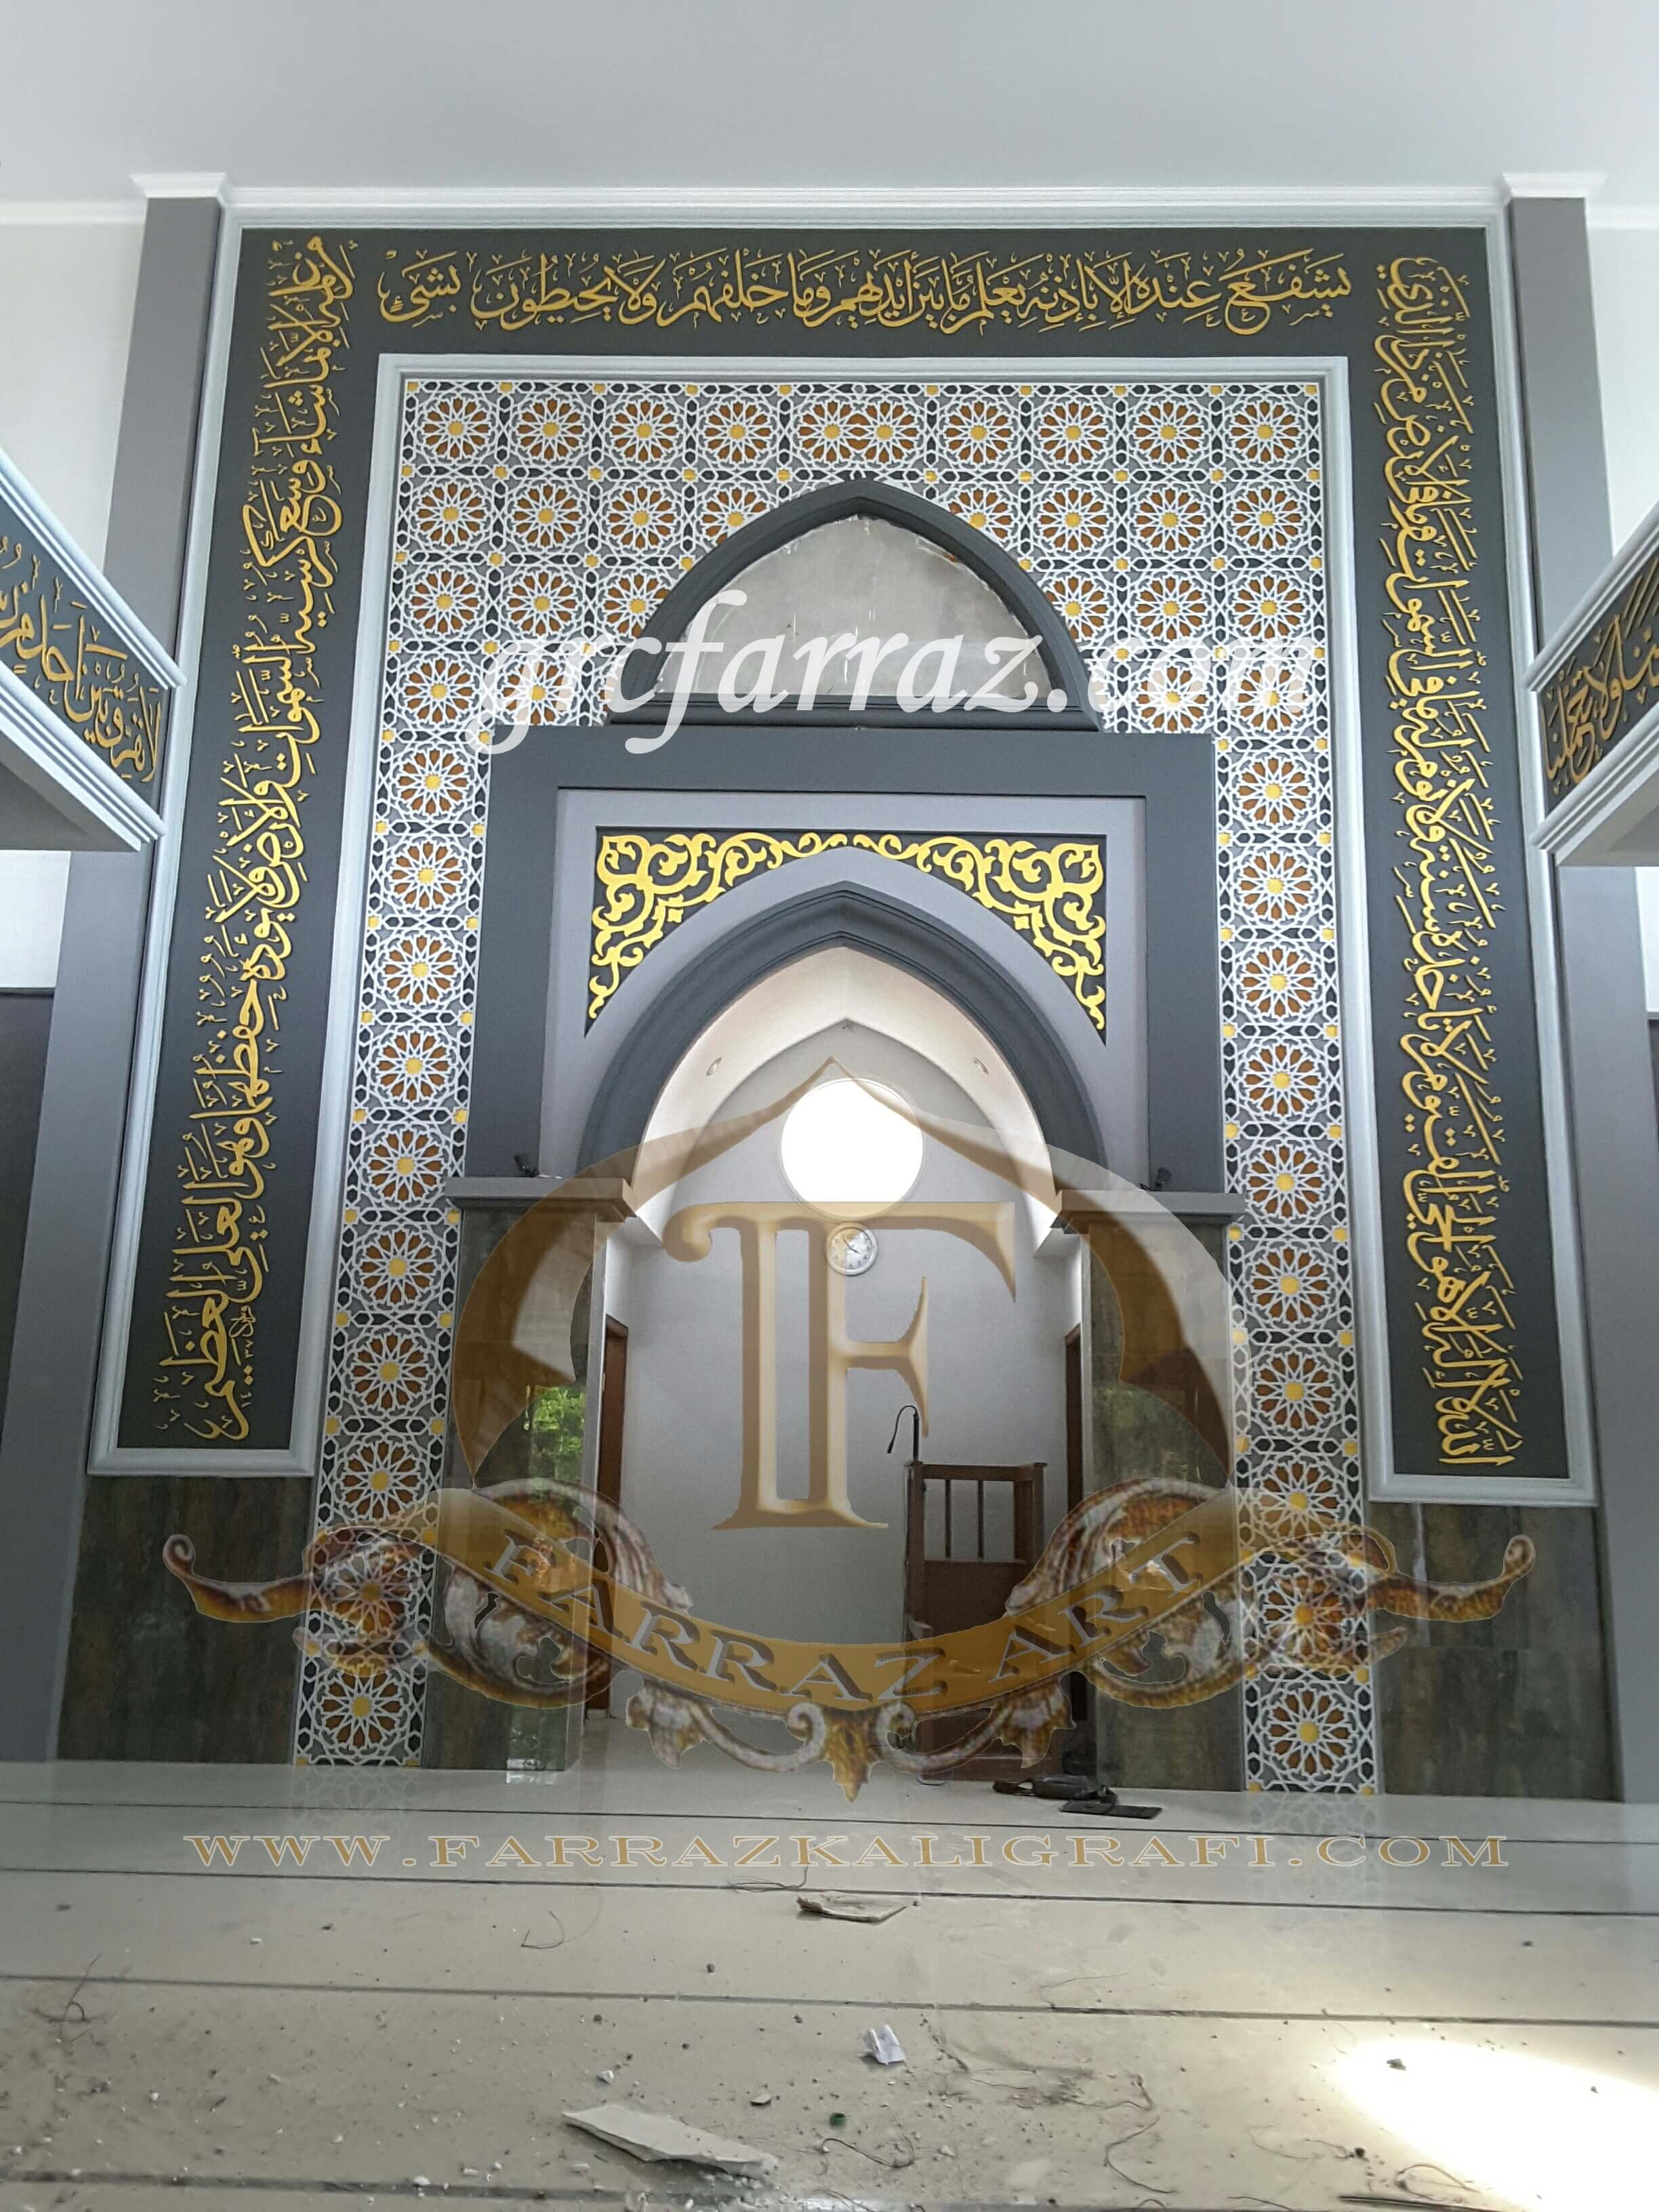 Mihrab Masjid Karya Farraz Visual Art Farraz Visual Art